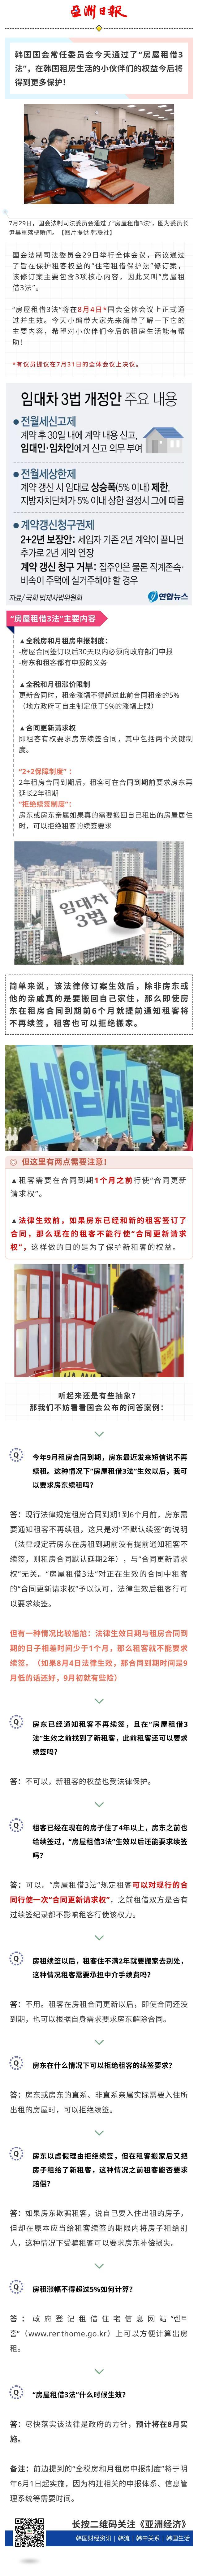 【在韩租房小伙伴必看】韩国修改法律:合约到期也不用担心被赶出去!